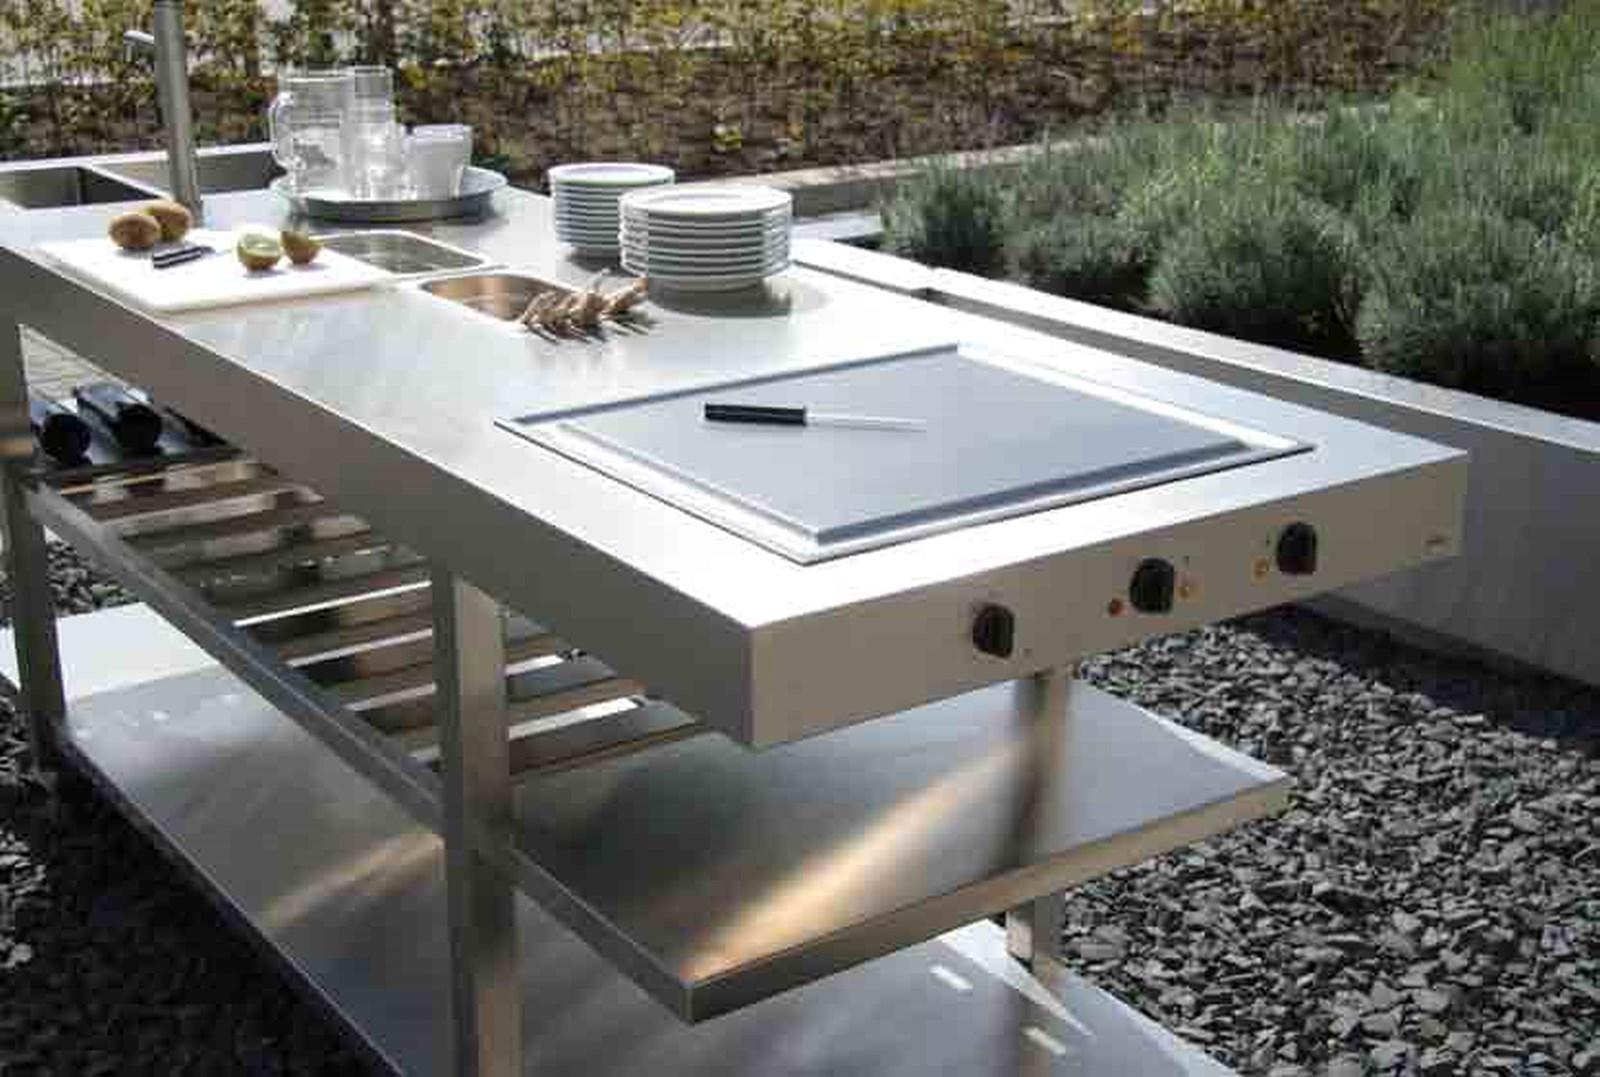 cuisine extrieur en inox paris - Plan De Travail Pour Cuisine Exterieure